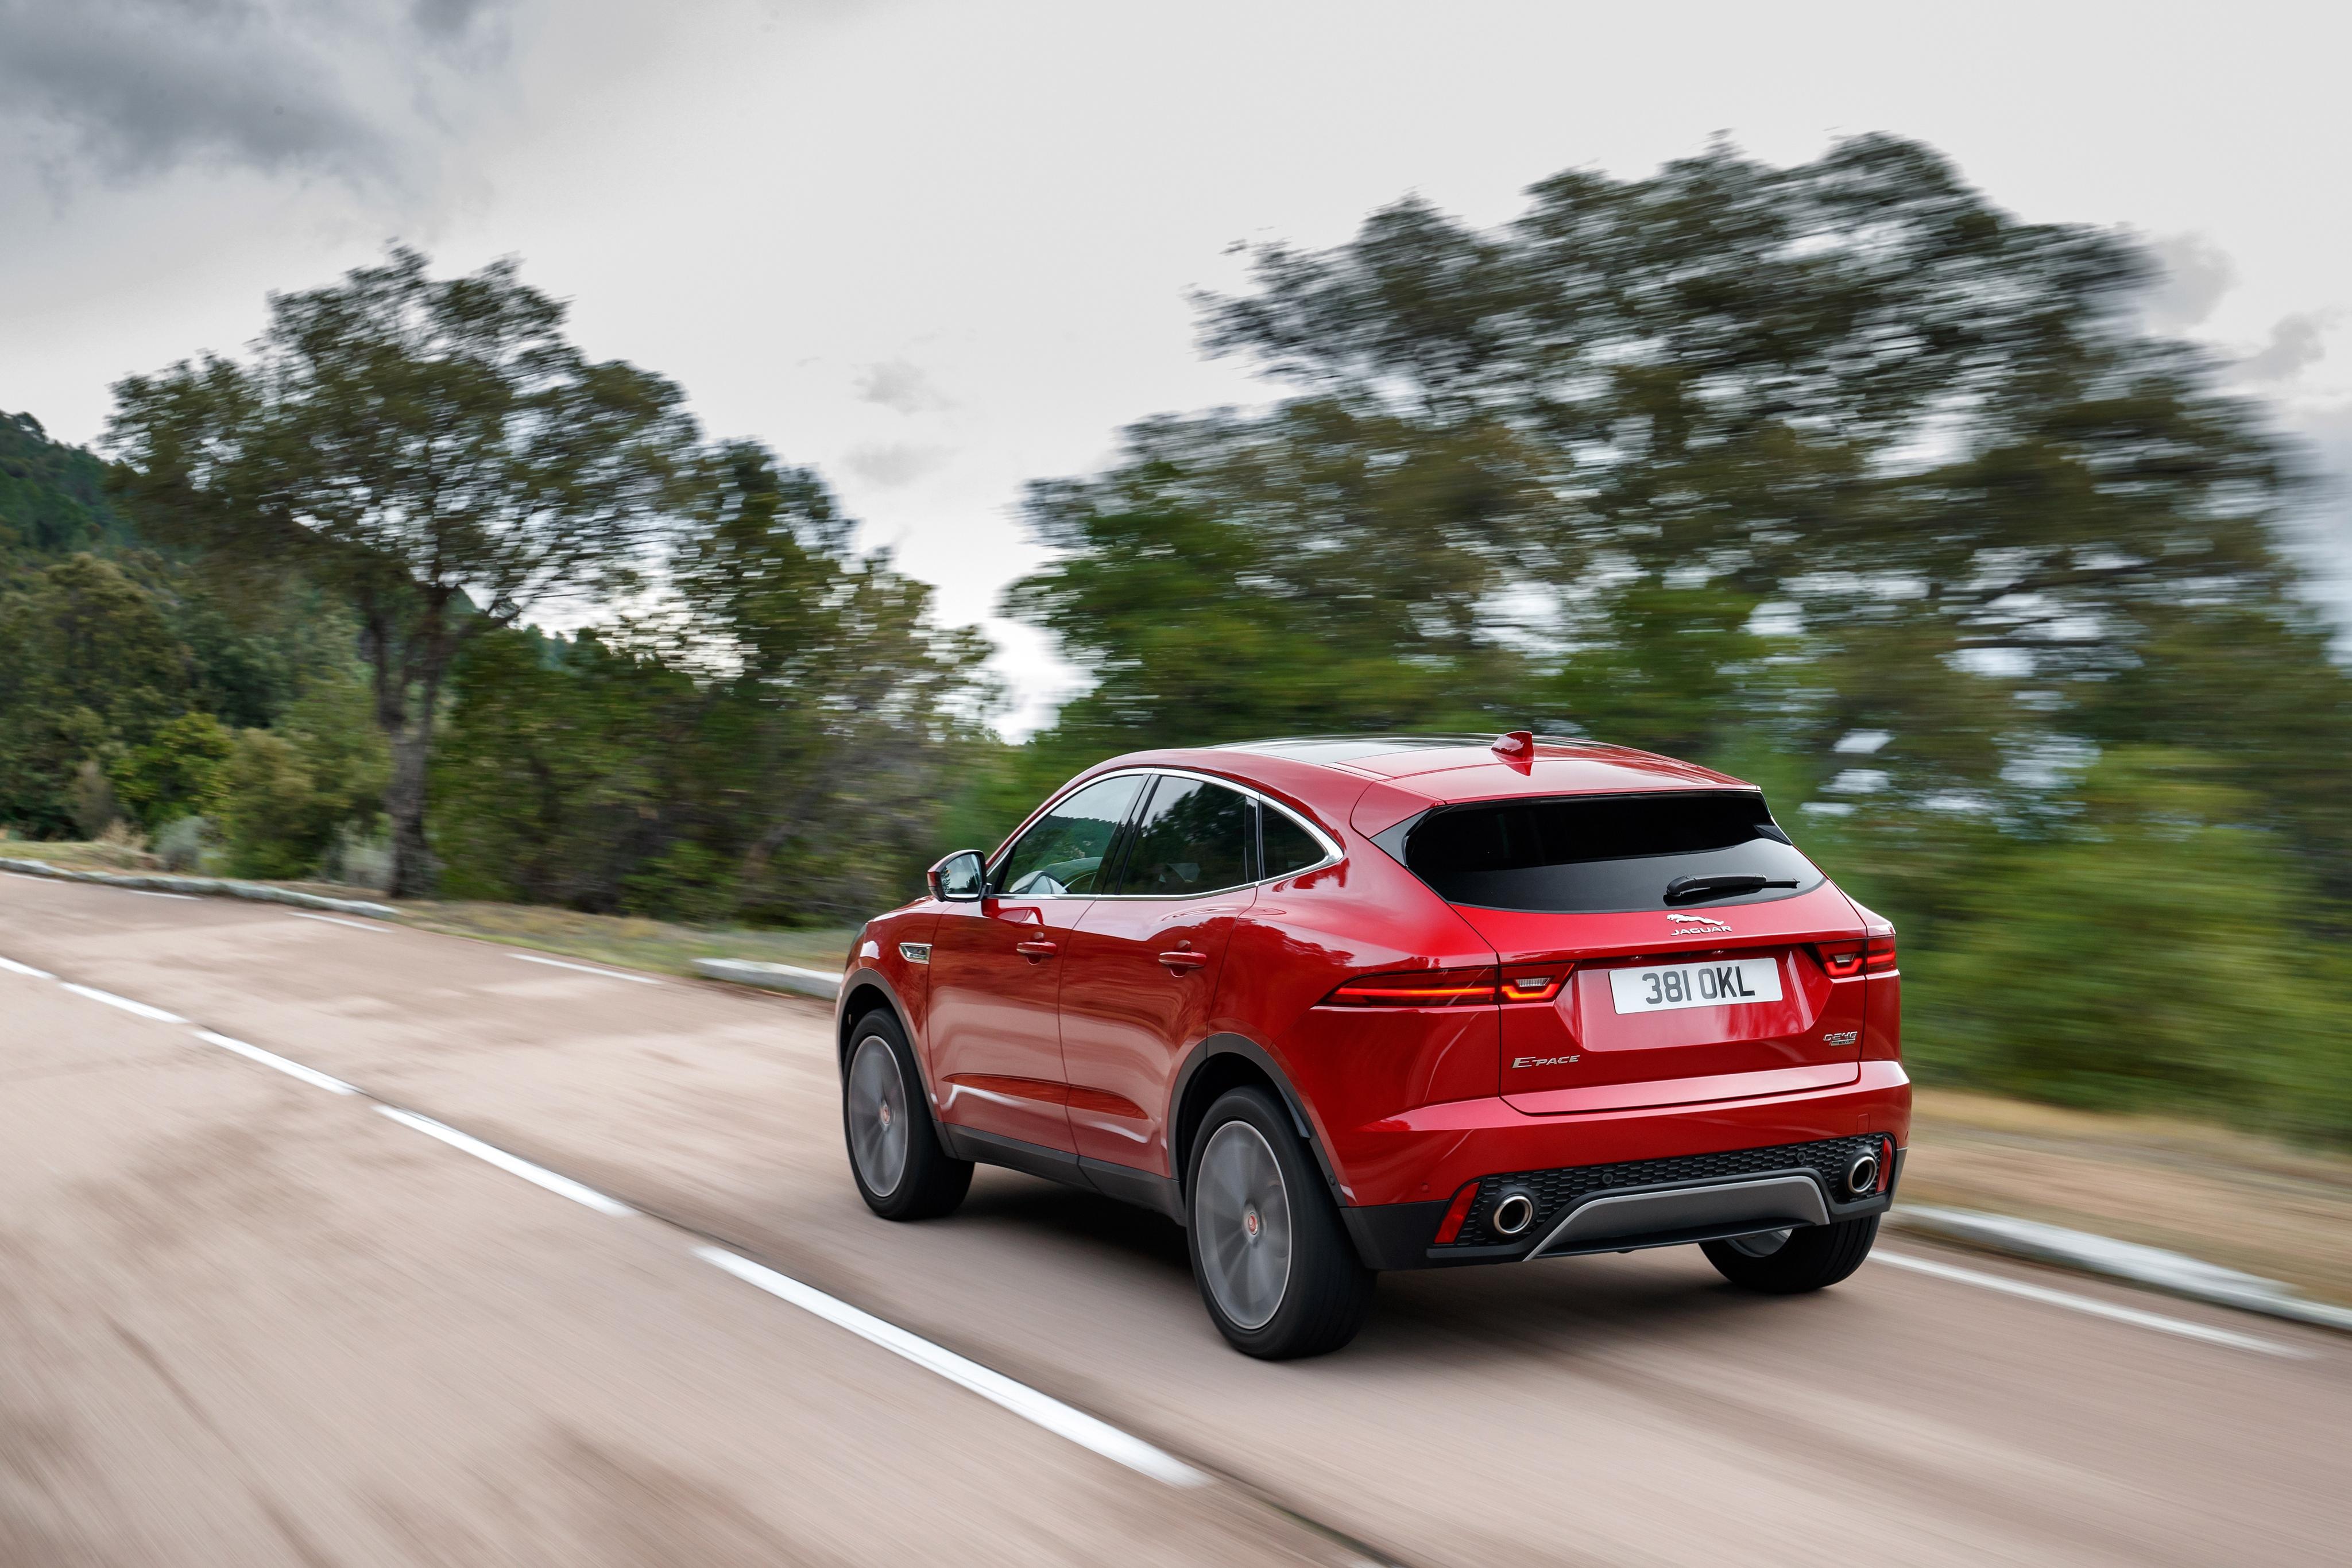 Nuova Jaguar E-Pace 2018